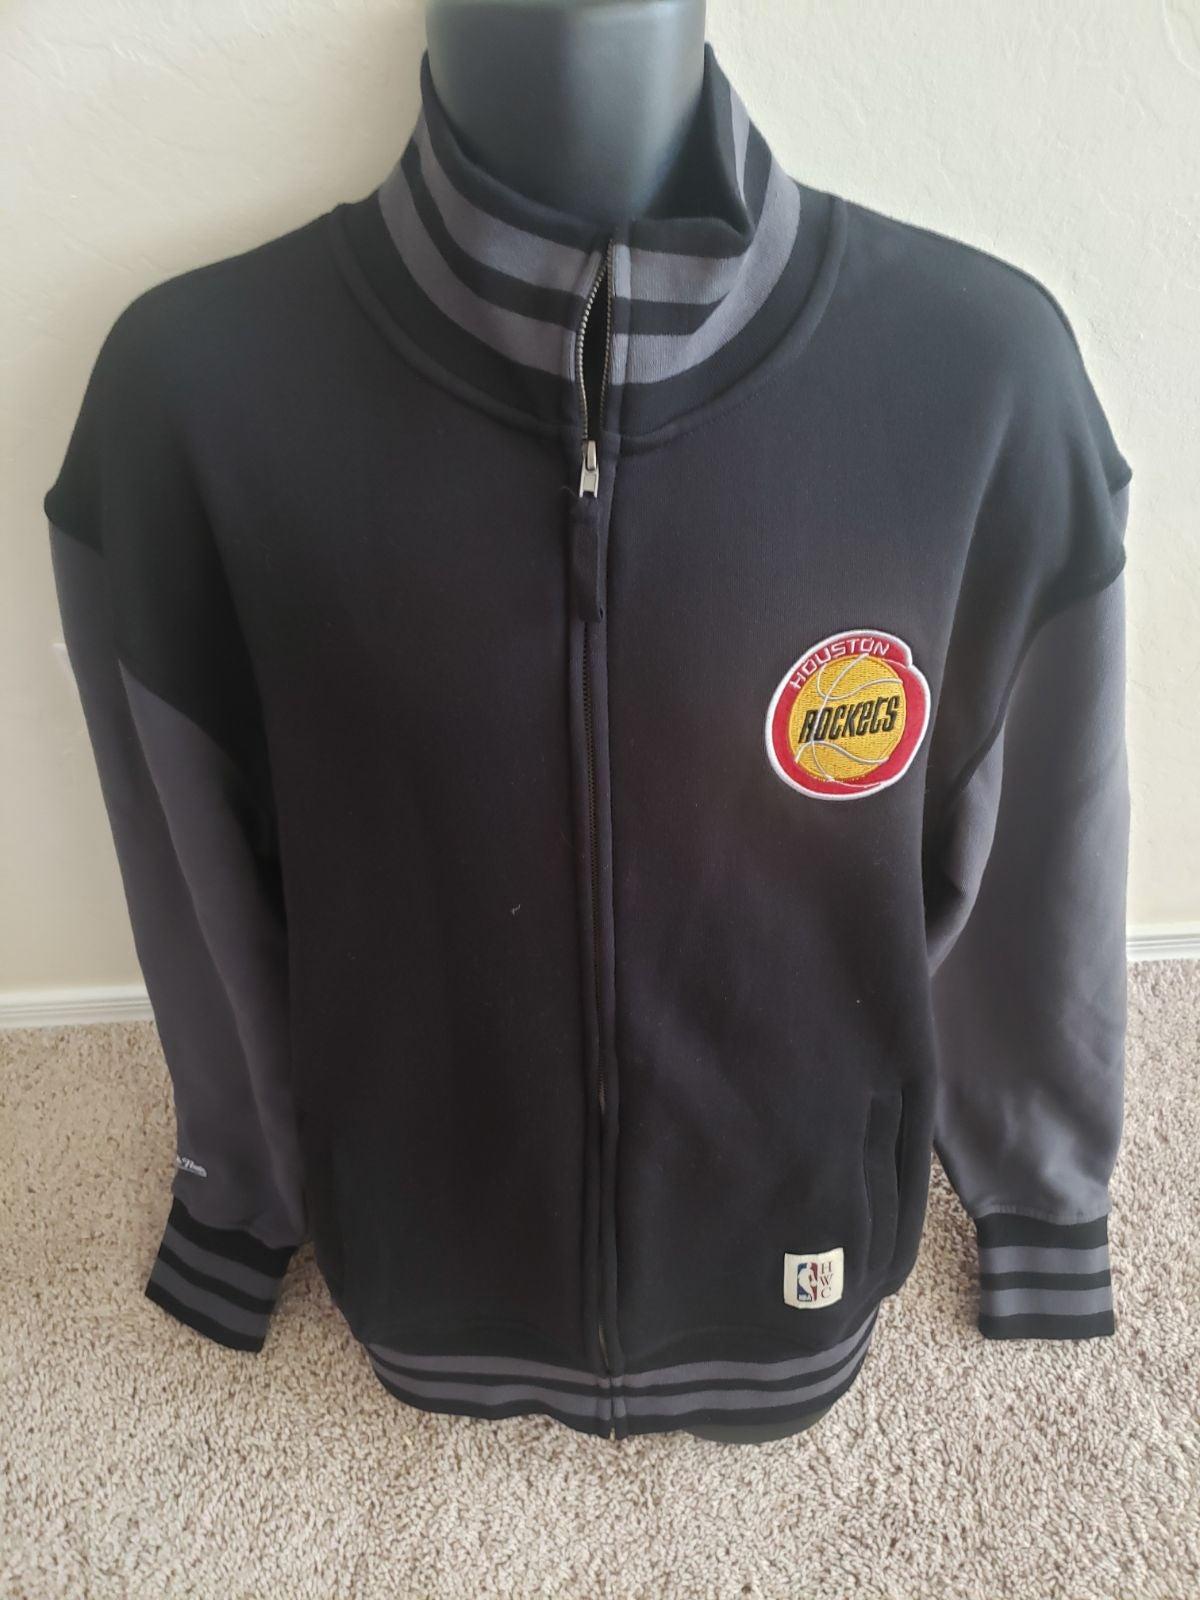 New XL Houston Rockets vintage jacket